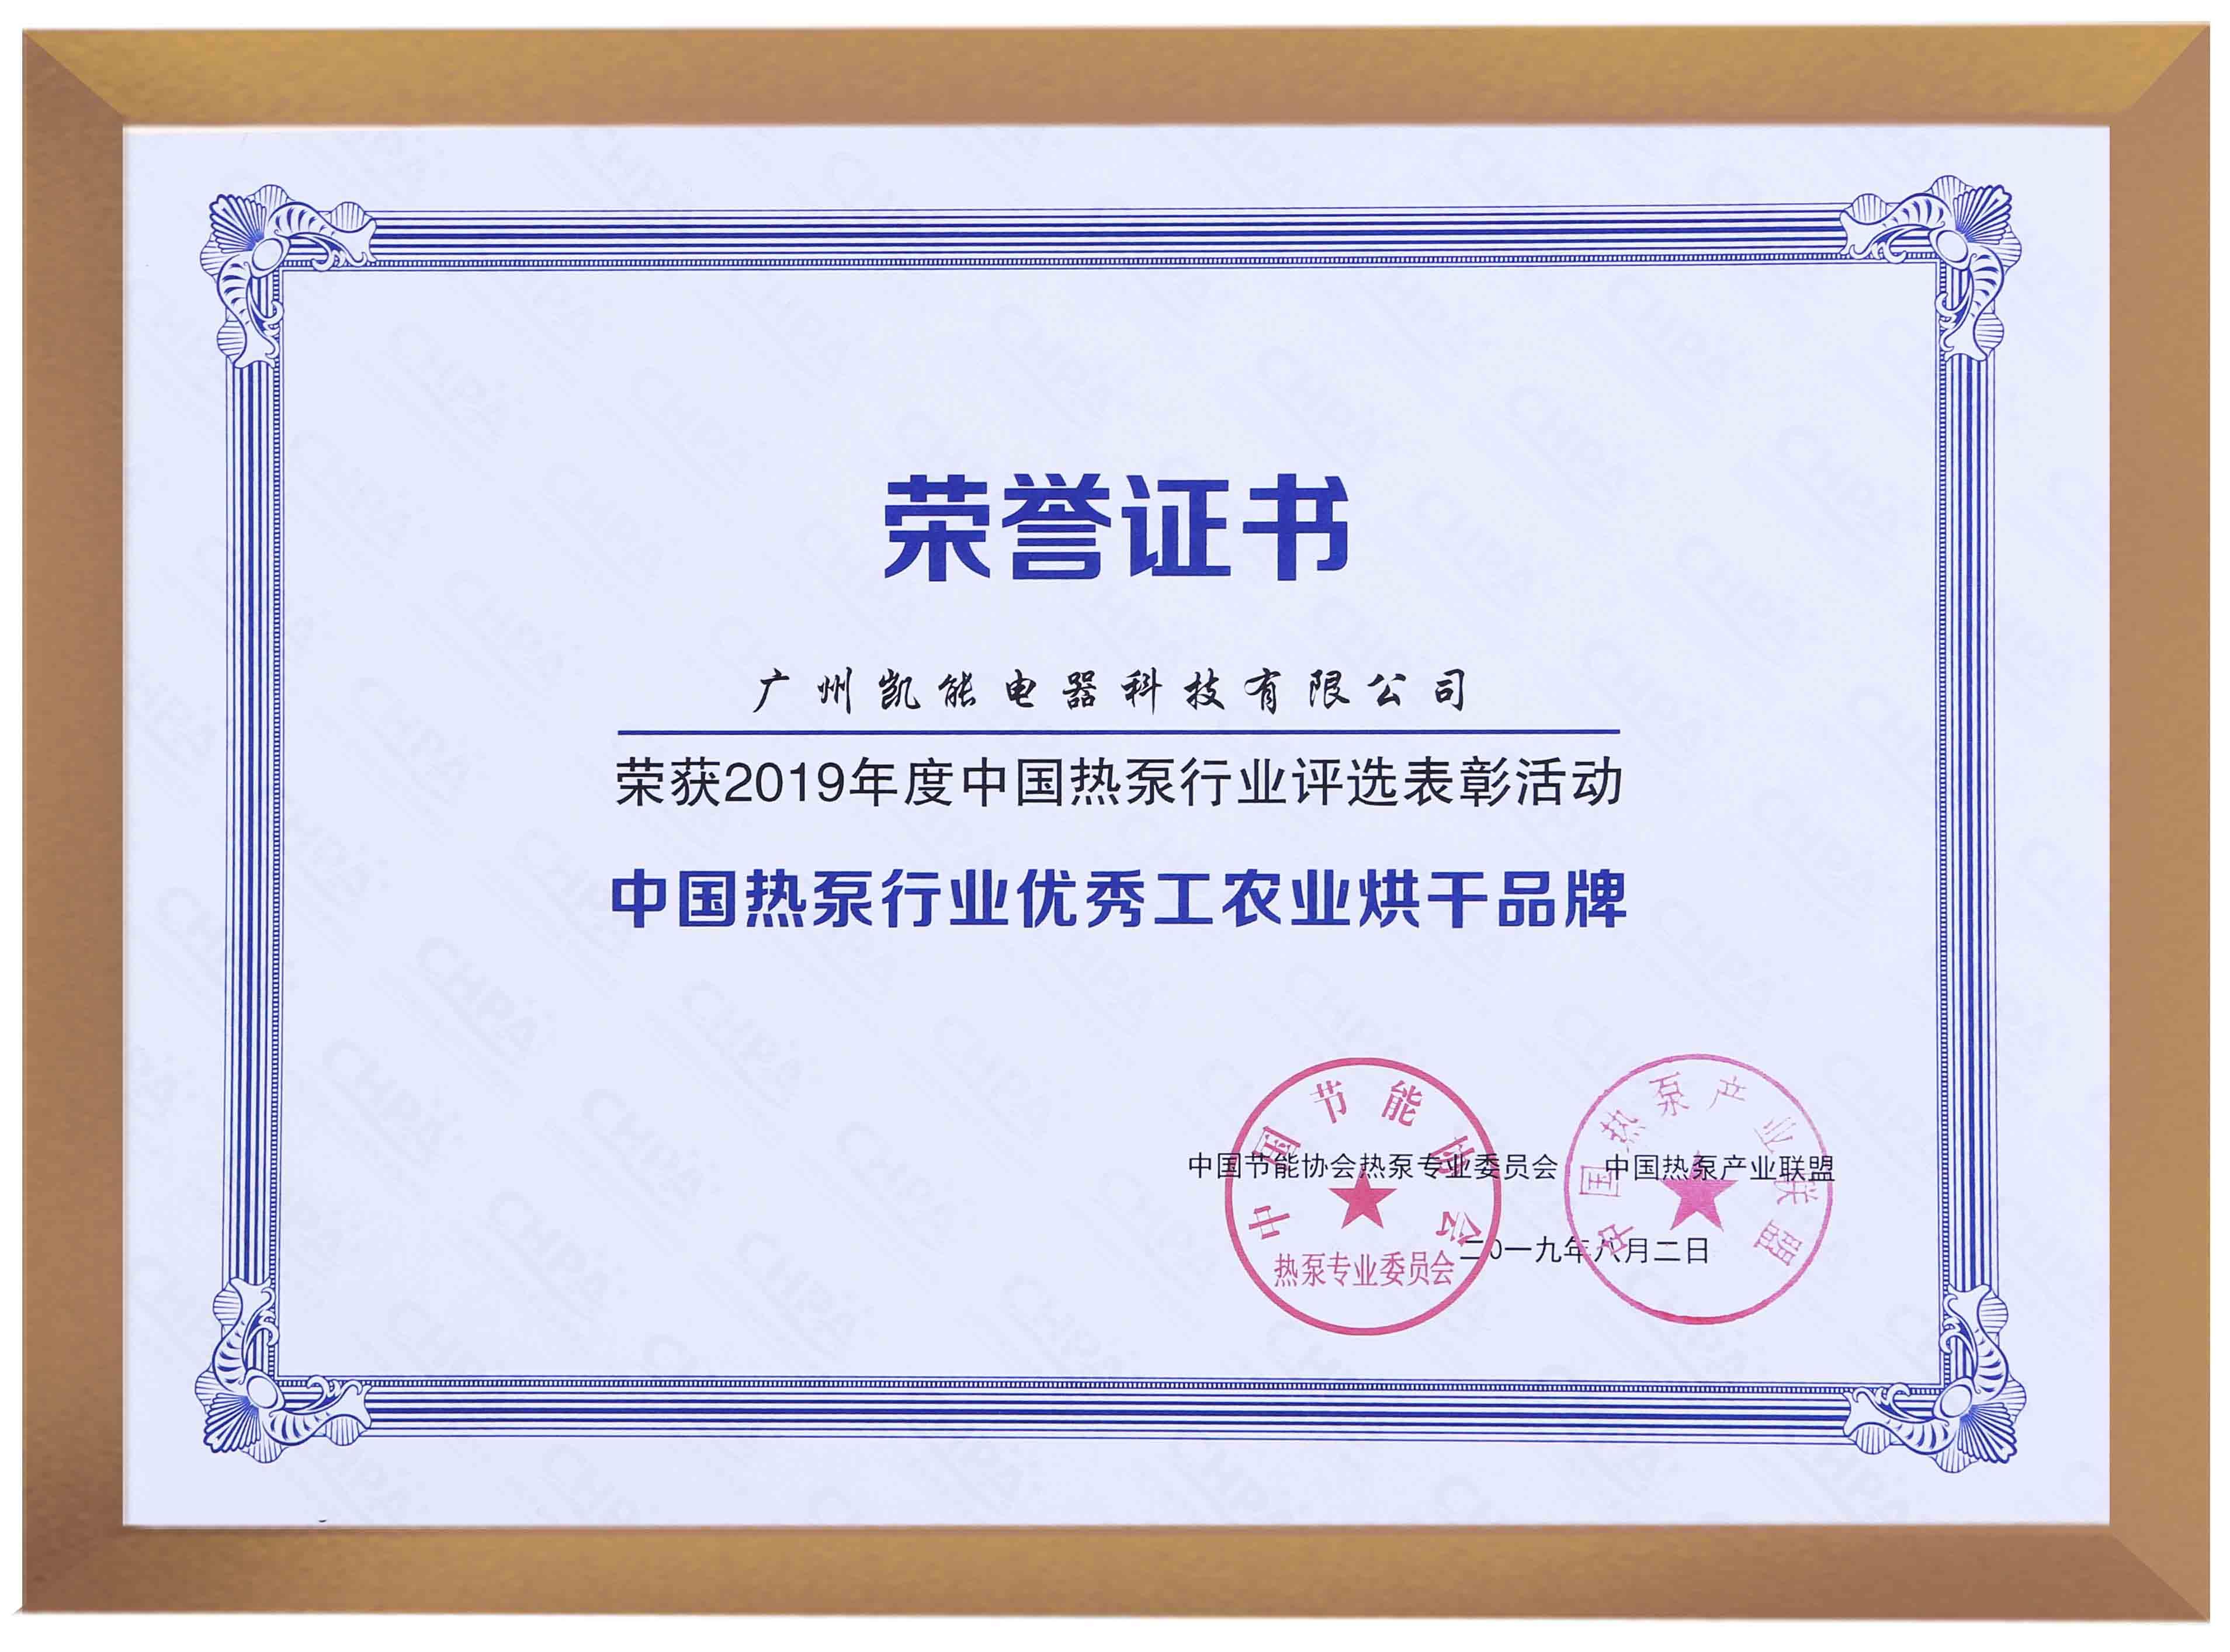 2019中國熱泵行業十大優秀工農業烘干品牌